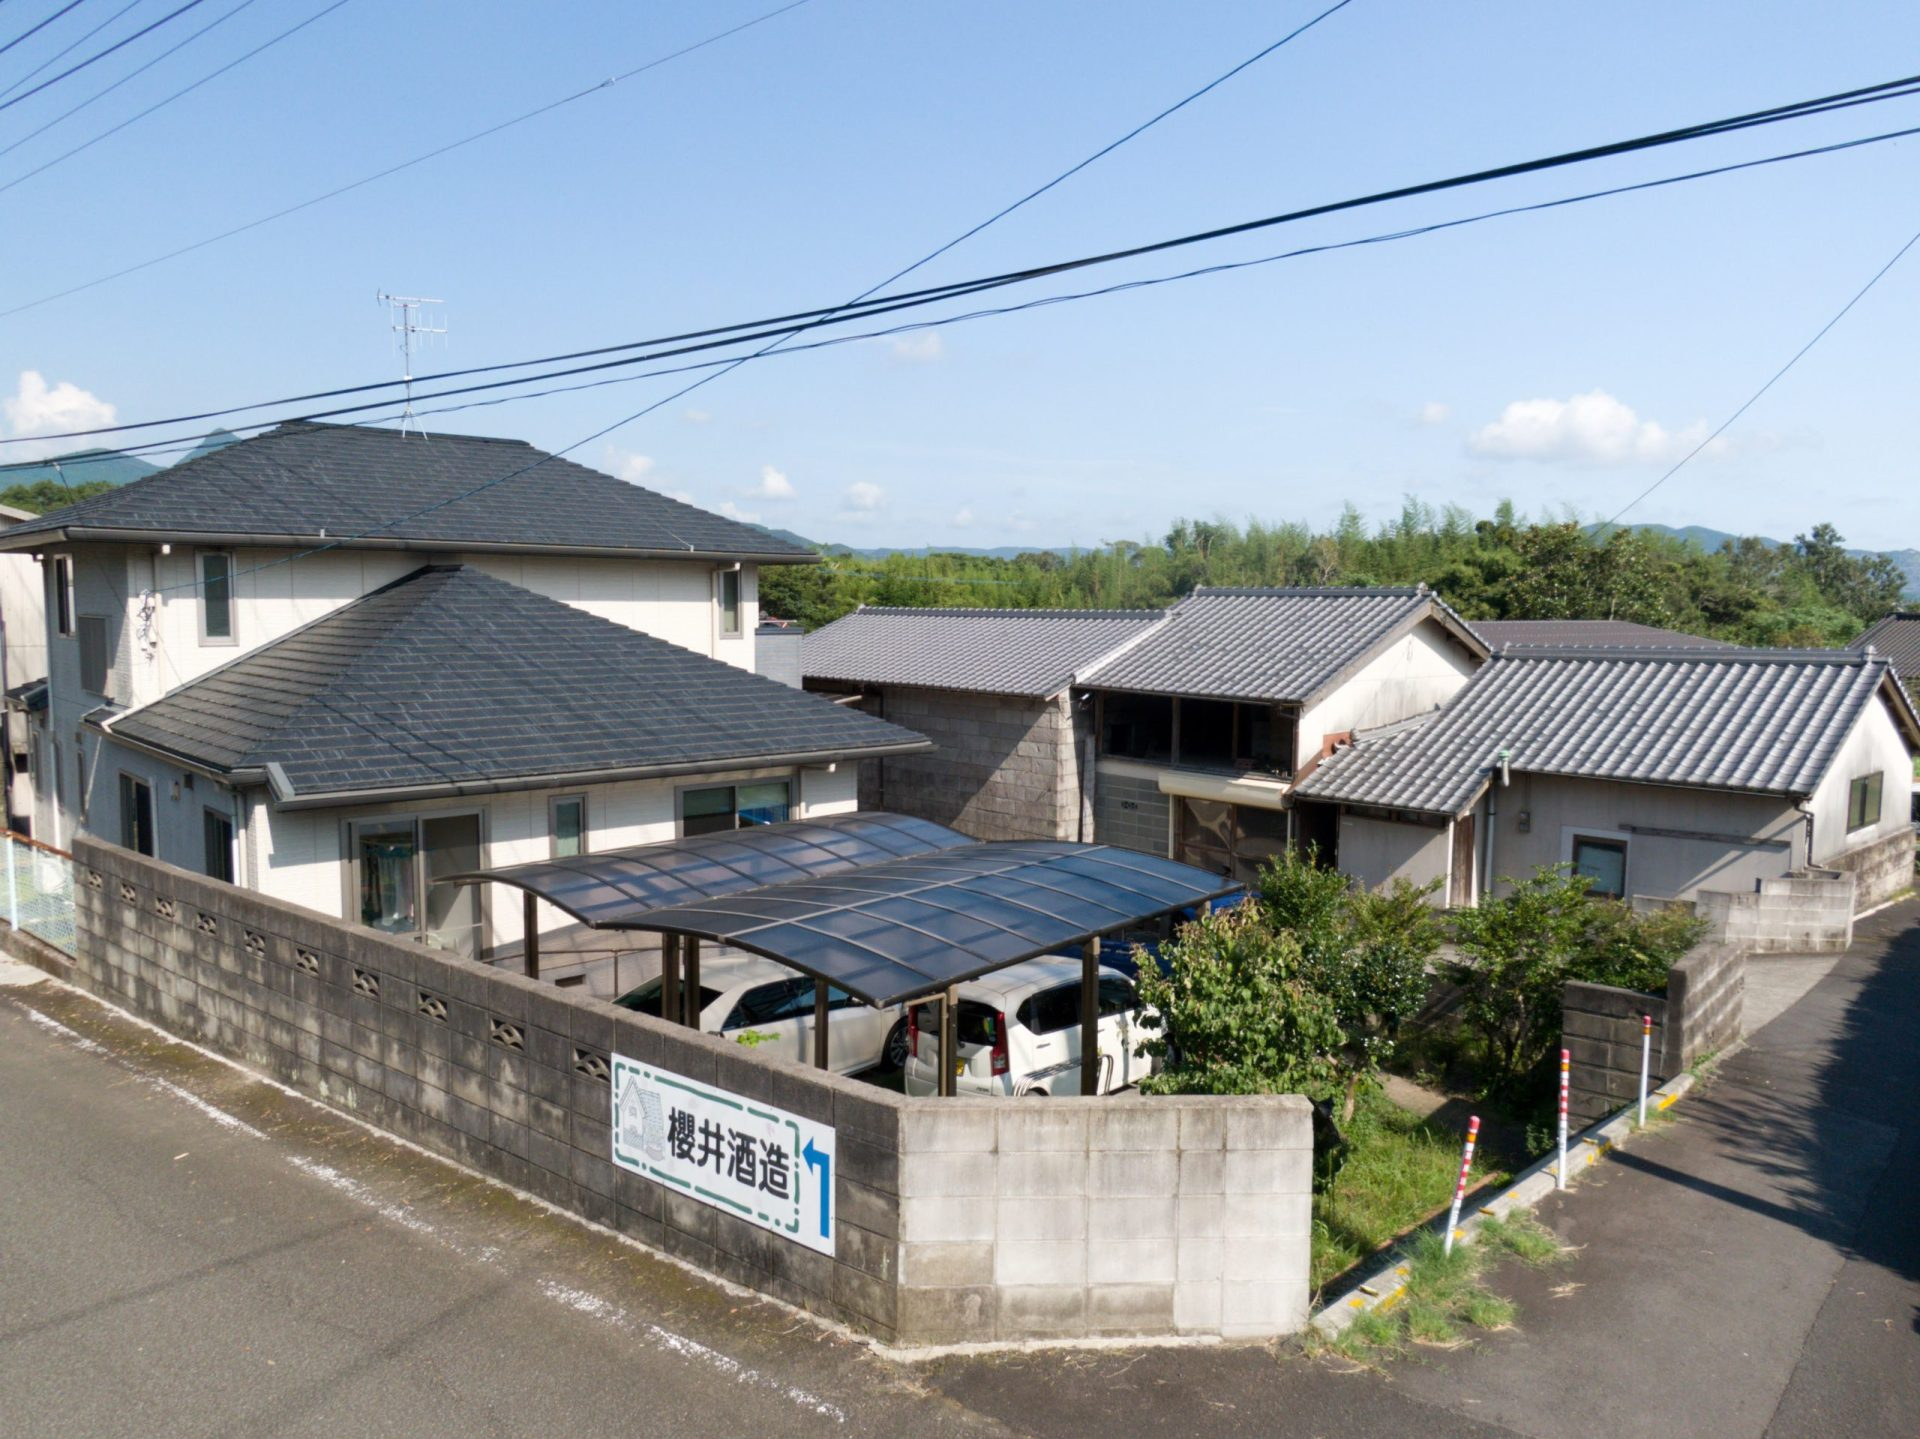 櫻井酒造有限会社